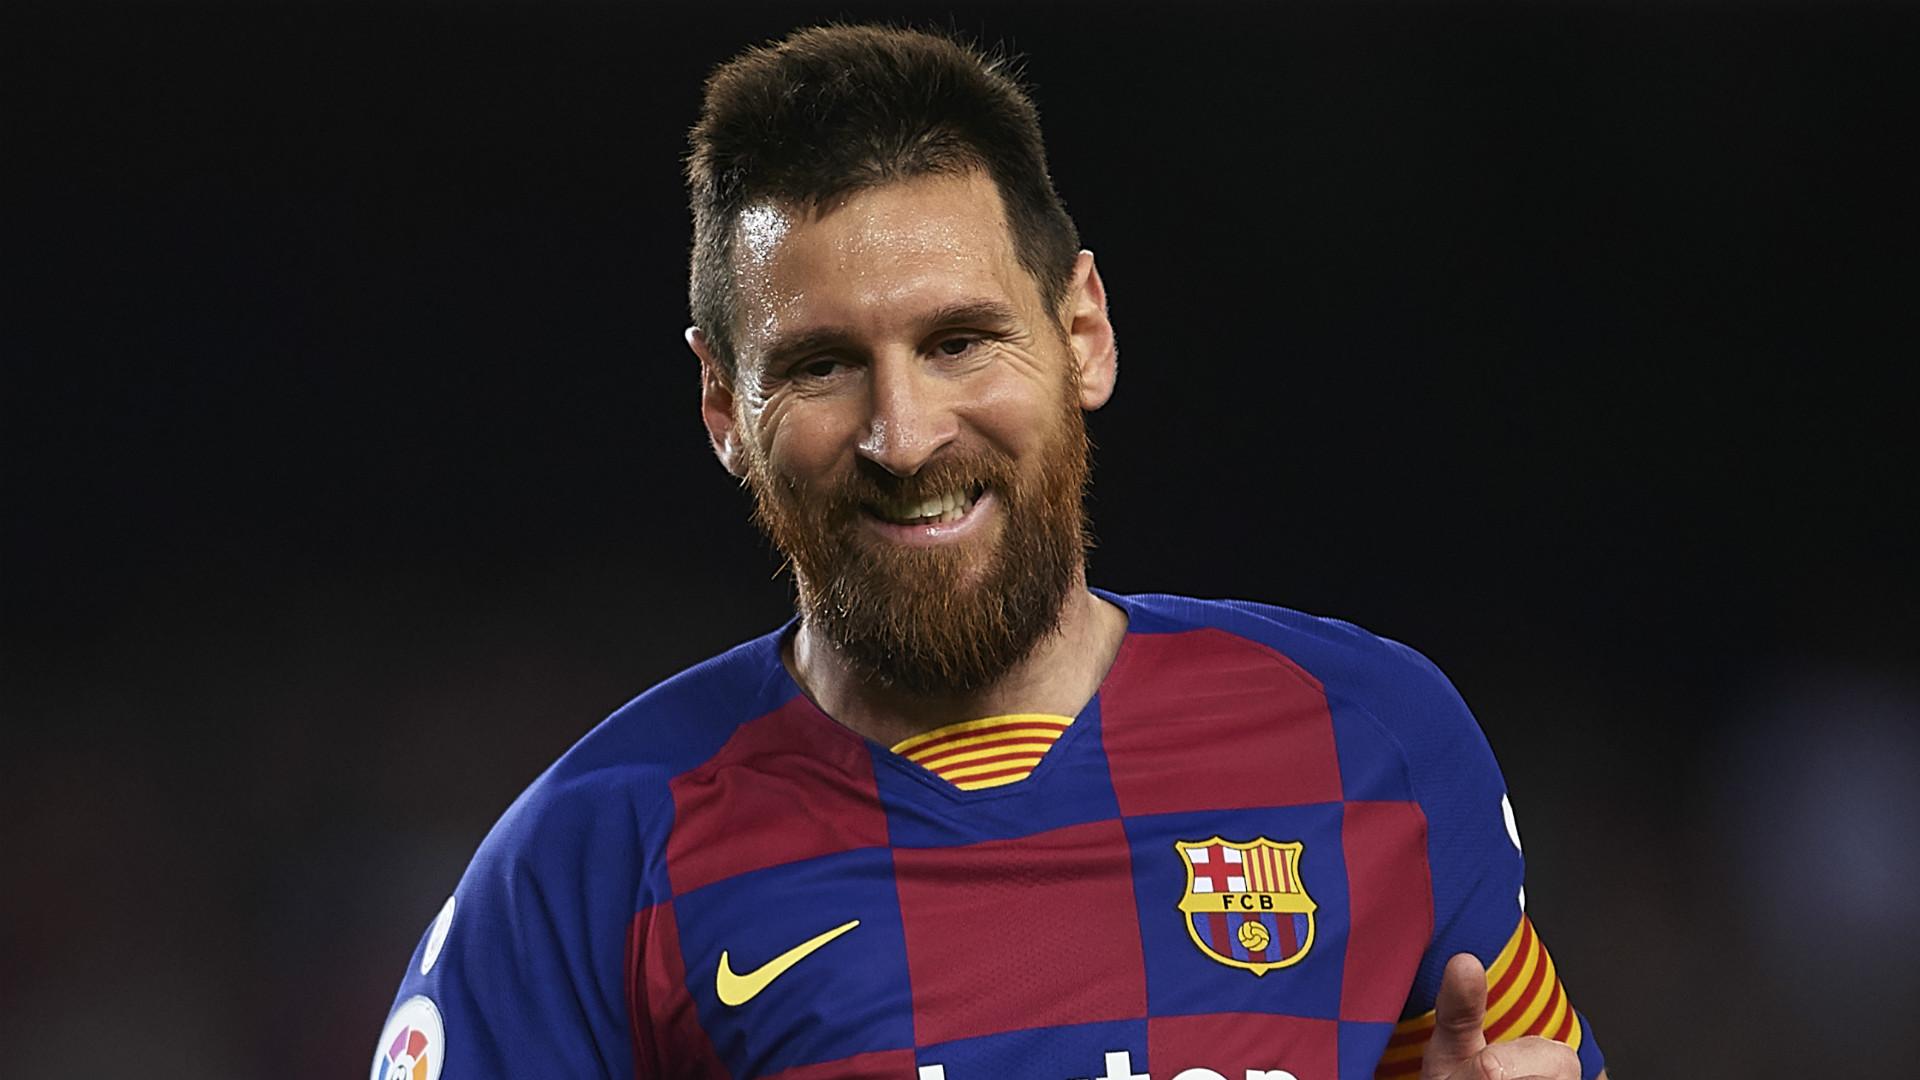 'The best footballer I've ever seen' - Barcelona star Messi lauded by Hummels after sinking Dortmund